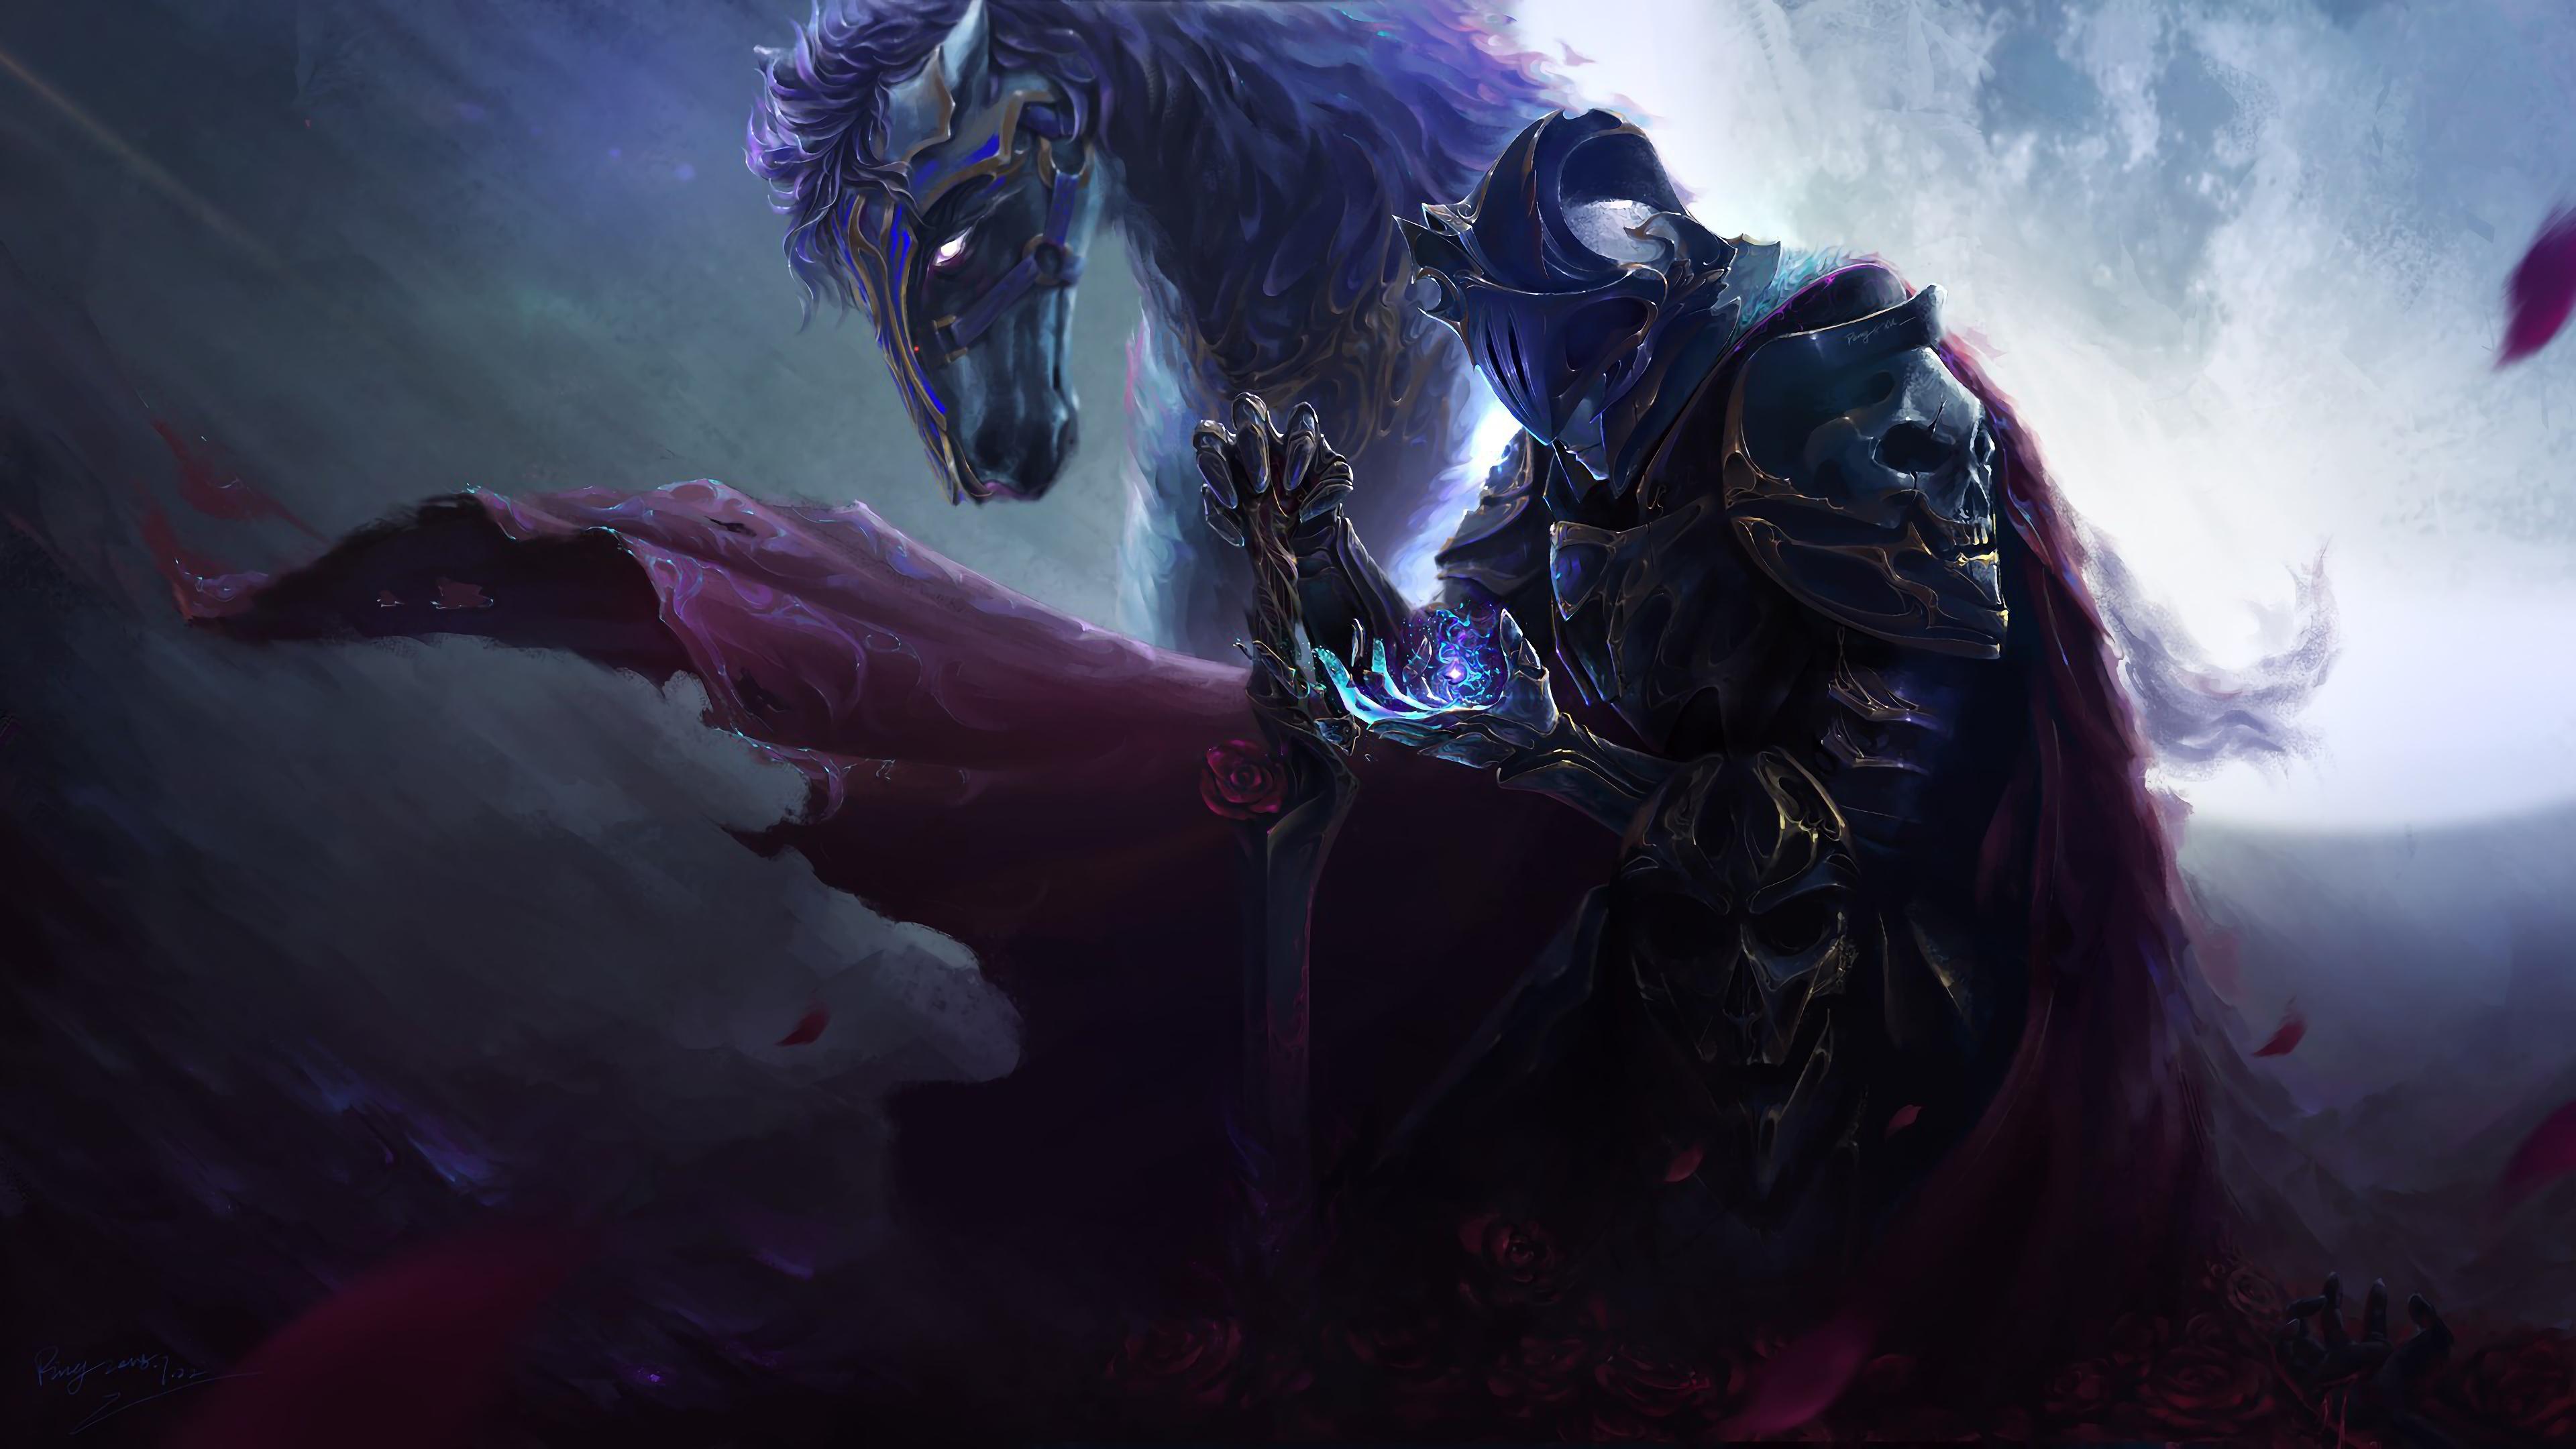 Dark Knight, Warrior, Sword, Horse, Fantasy, 4K, #96 Wallpaper